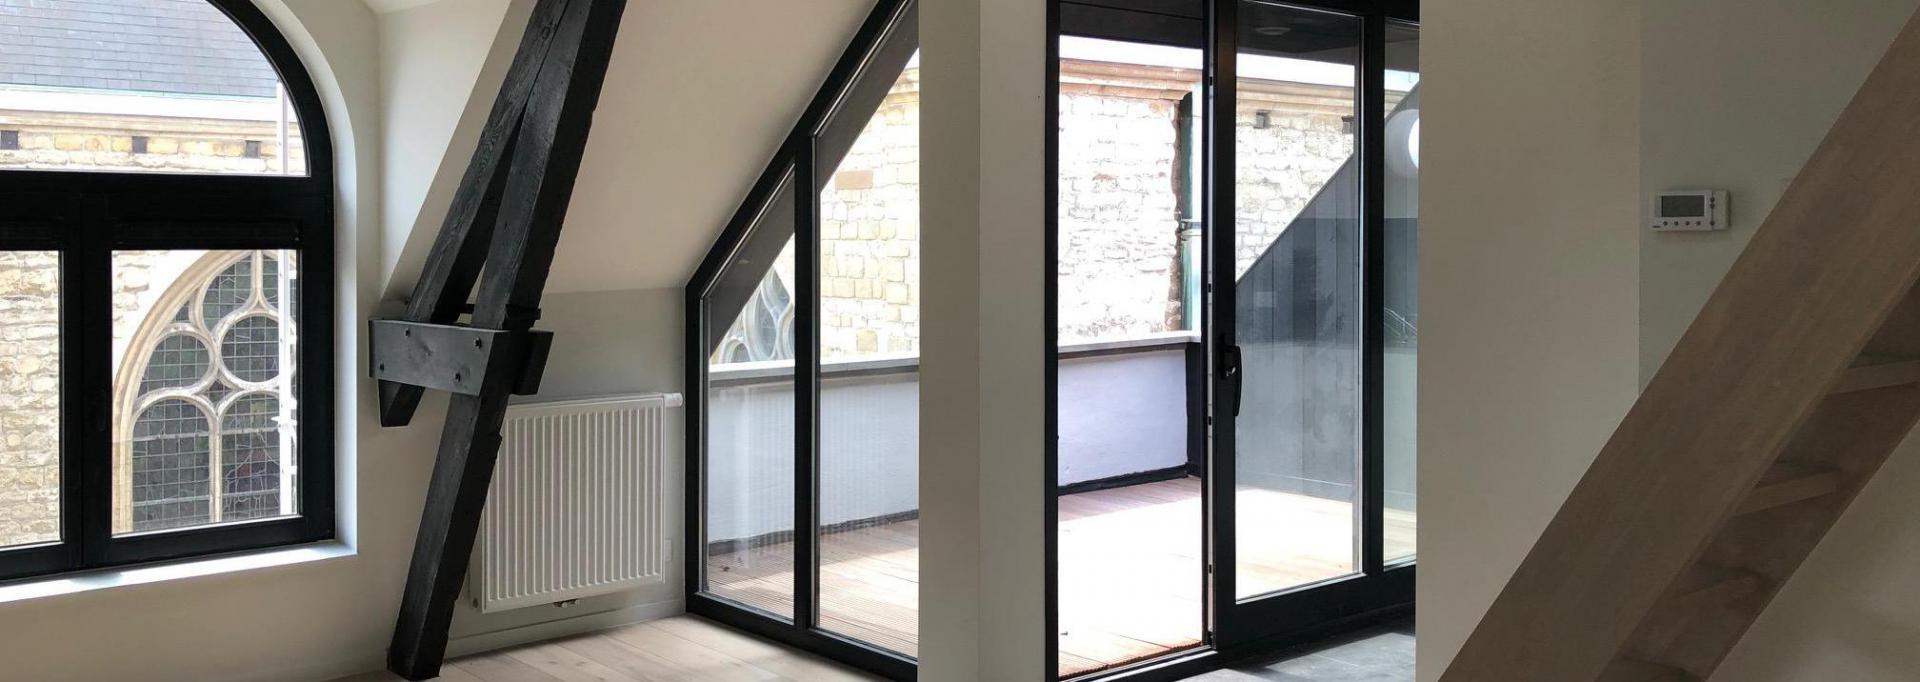 Sint-Jacobsmarkt - Living appartement 6